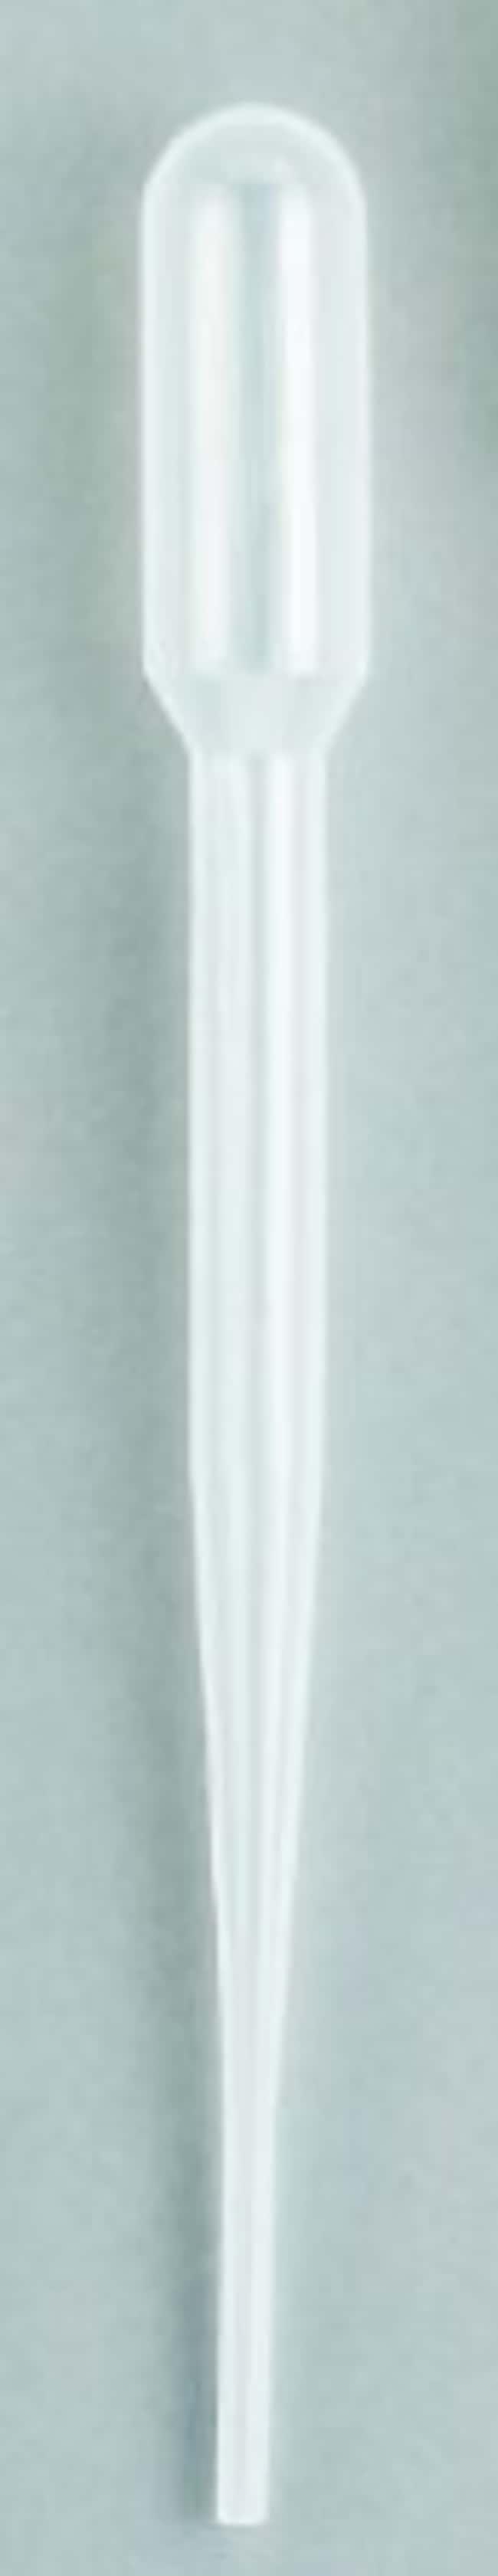 Thermo Scientific™Samco™ Transfer Pipettes: Pipets Pipettes